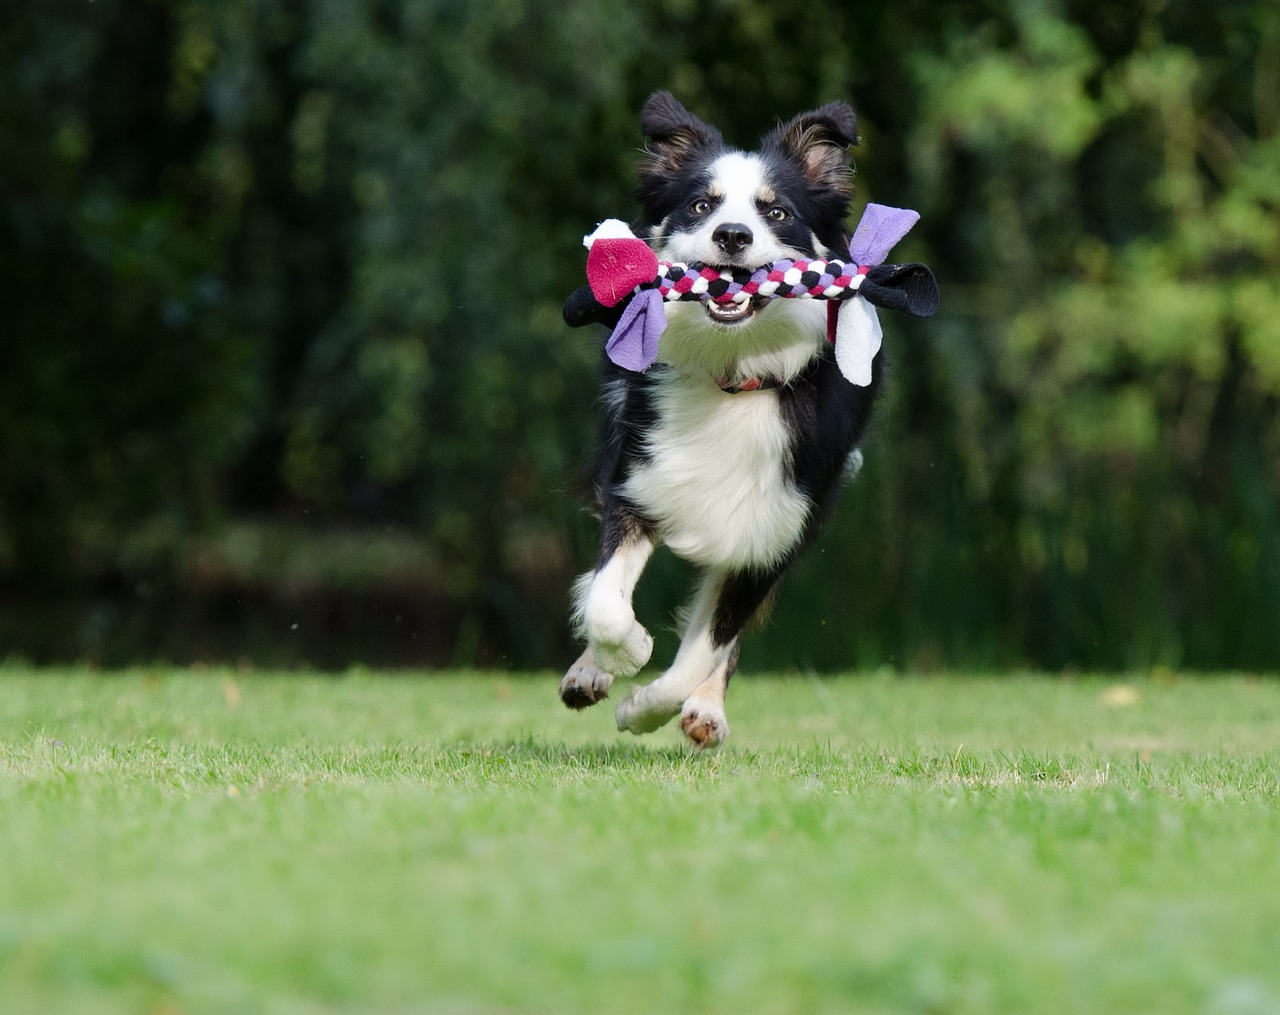 Hund mit Spieltau als Hundespielzeug